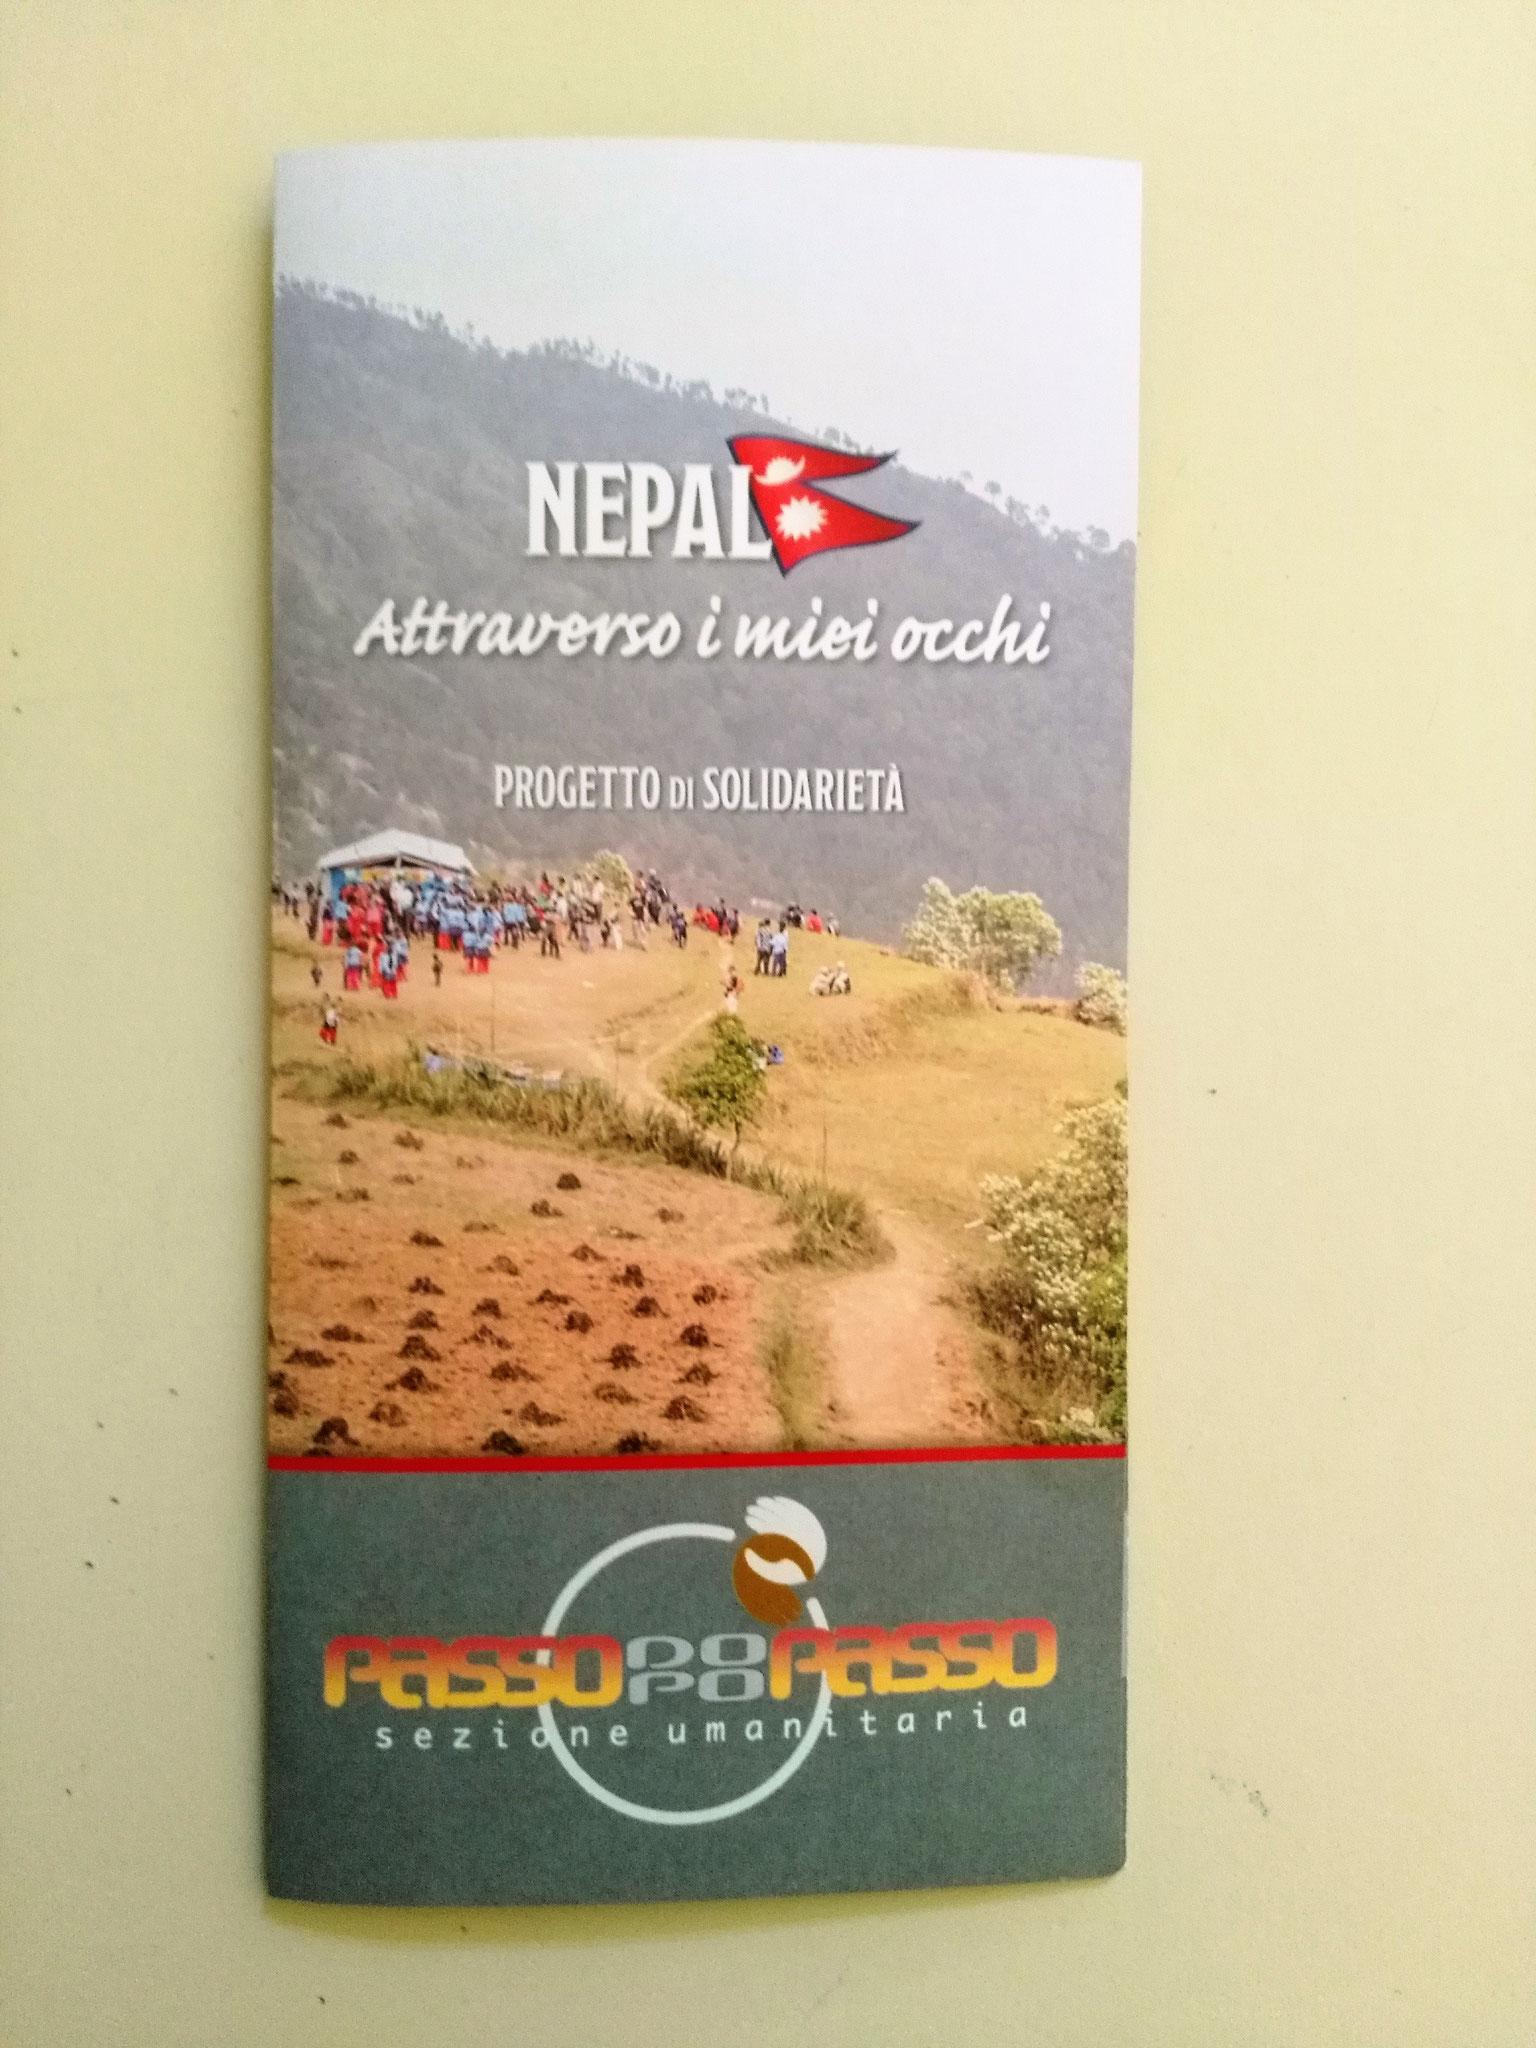 La brochure lasciata a ciascun bambino con le informazioni sull'associazione e il progetto